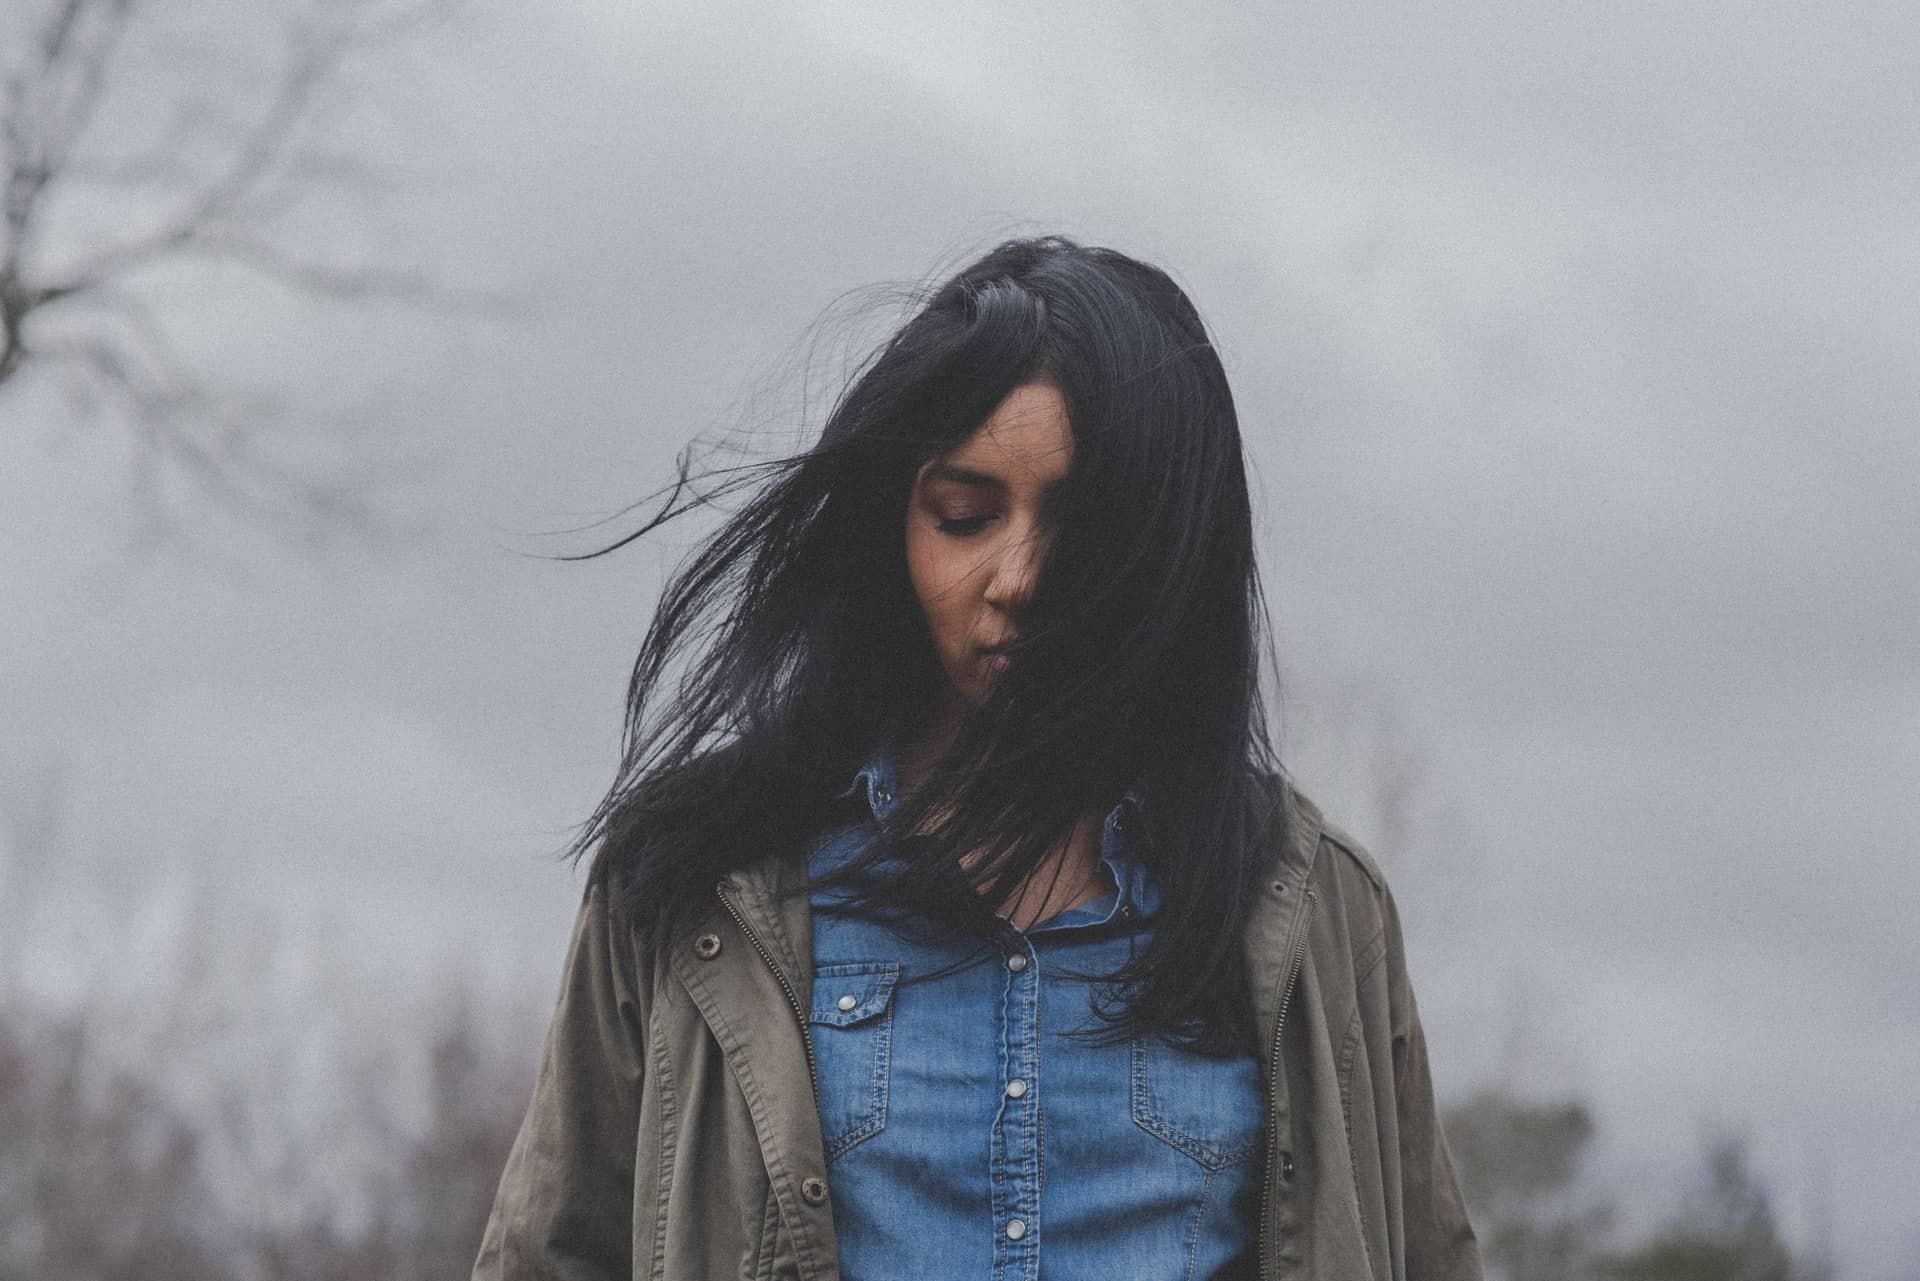 Eine traurige Brünette steht draußen im Wind, der ihre Haare trägt